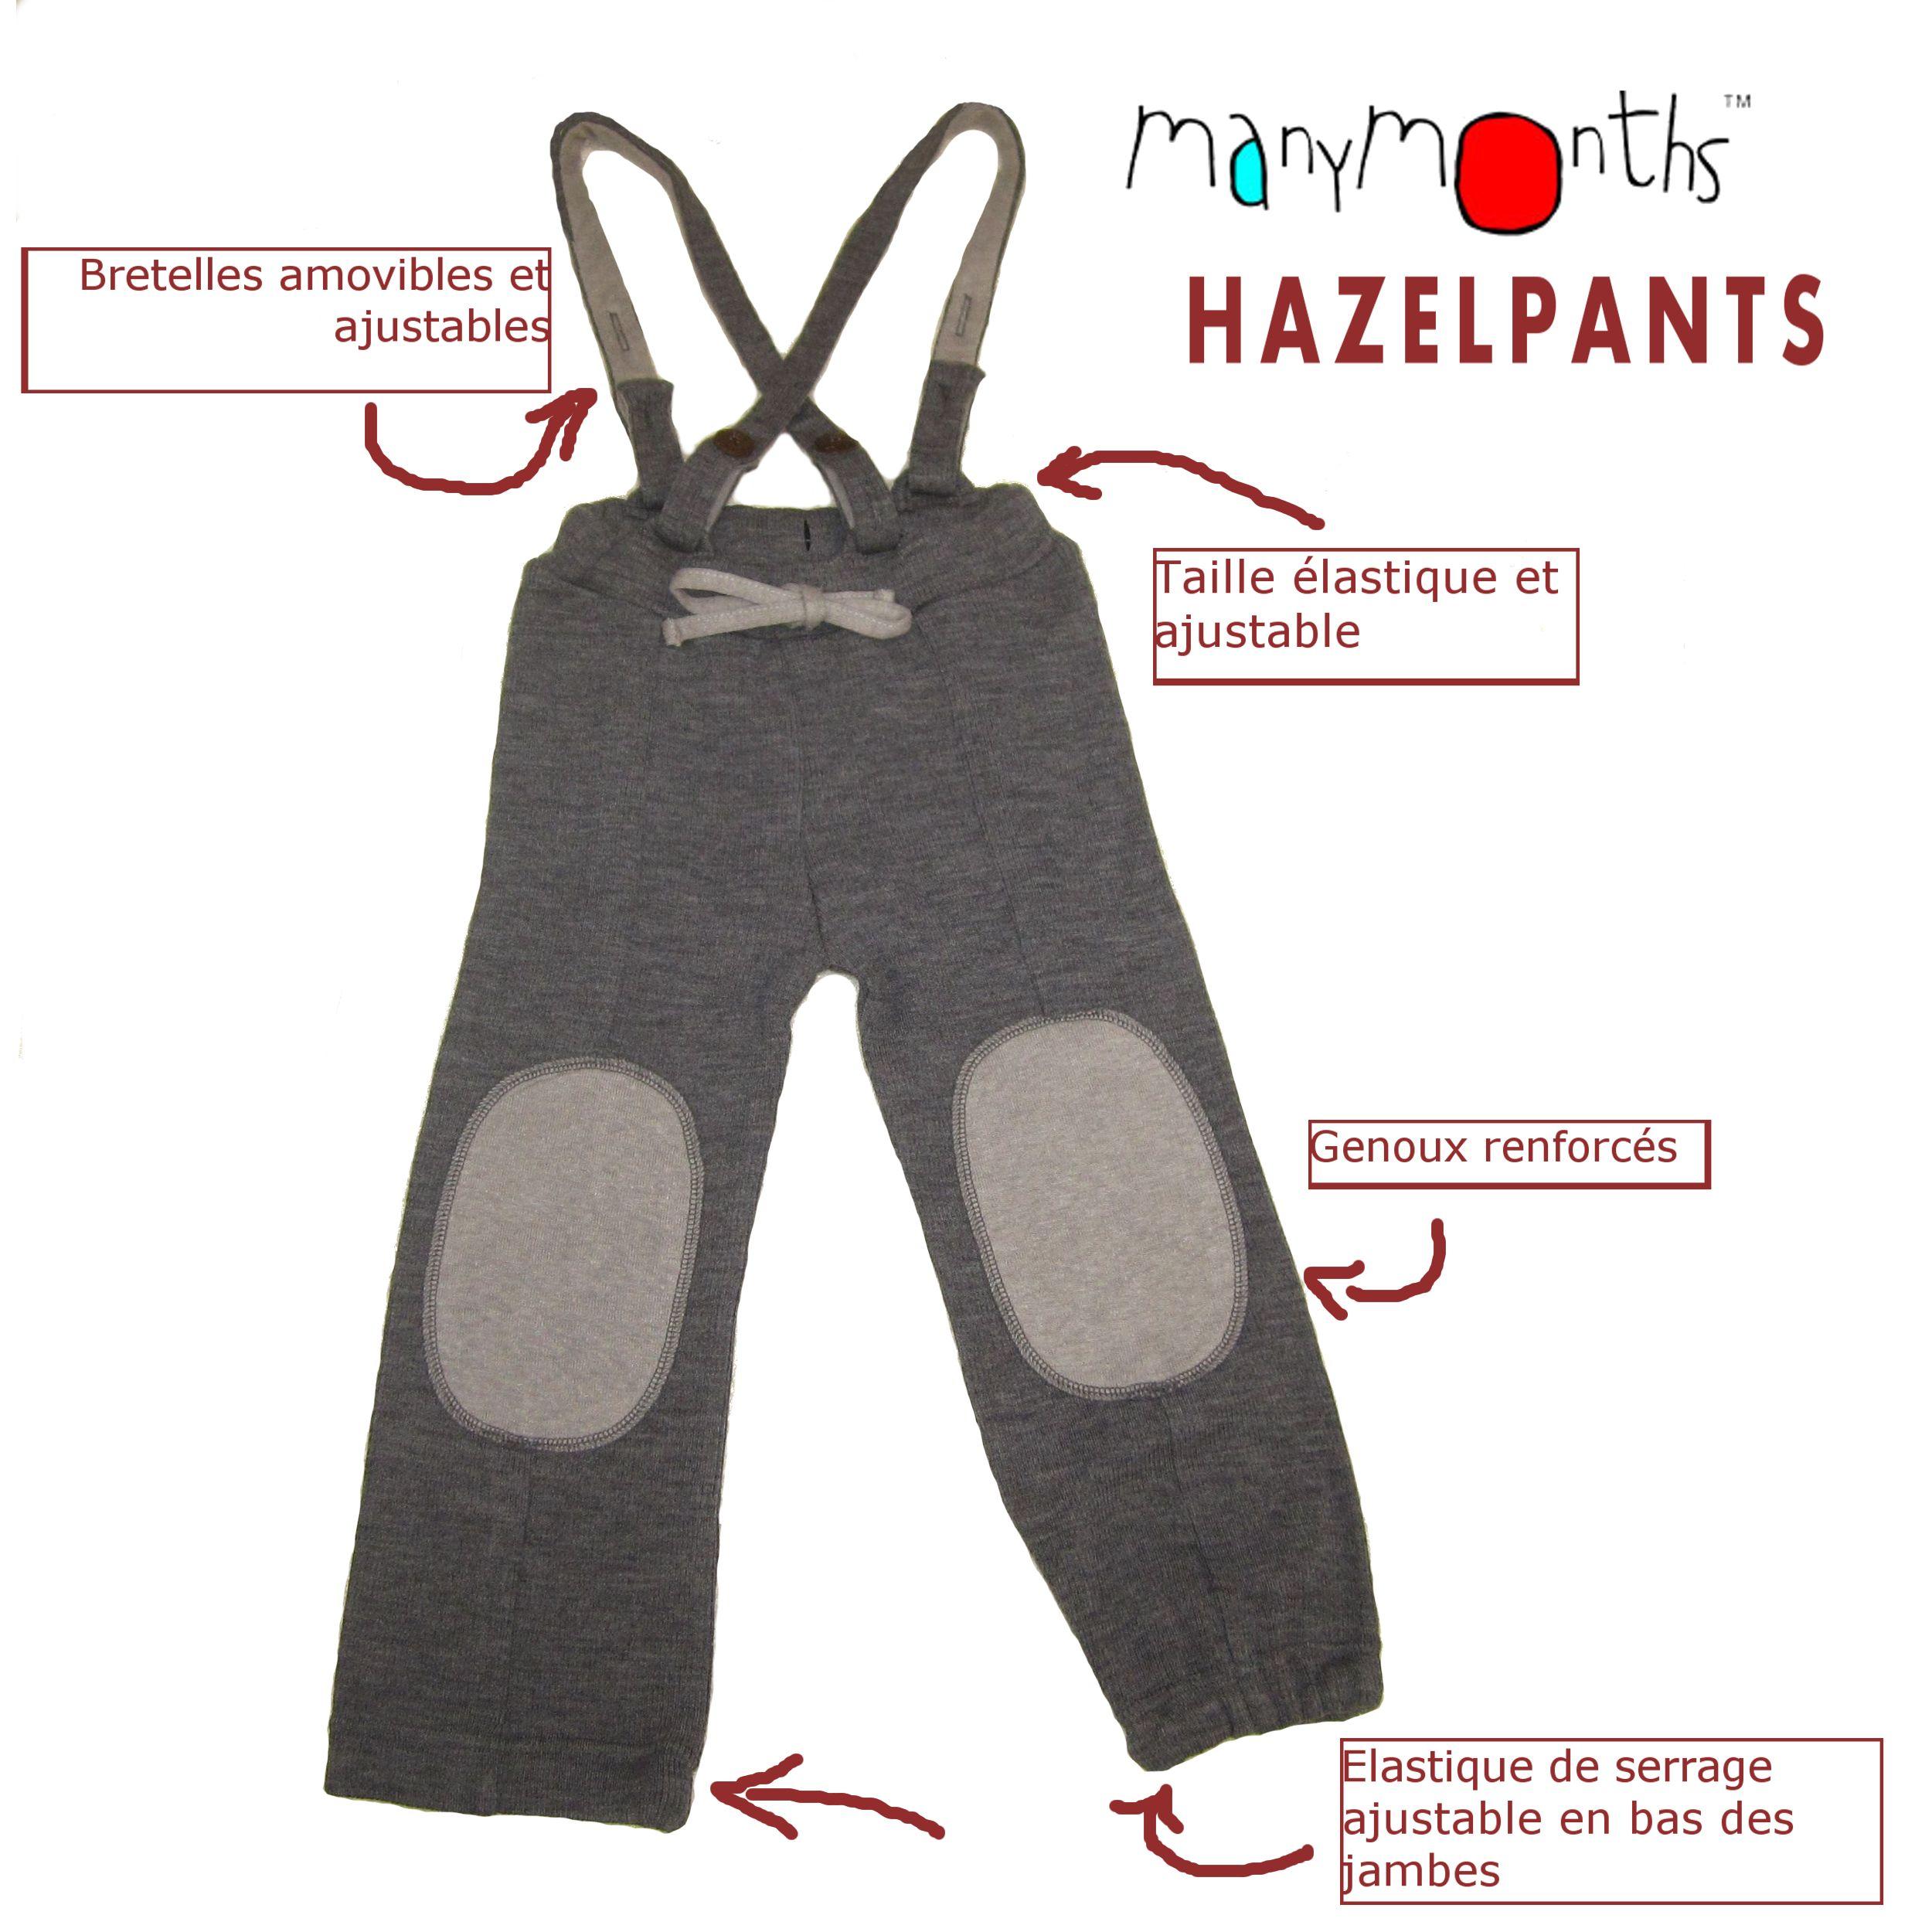 POLOLO SOFT - Chaussons souples en cuir naturel de tannage végétal MANYMONTHS – HAZEL PANTS – pantalon en pure laine mérinos